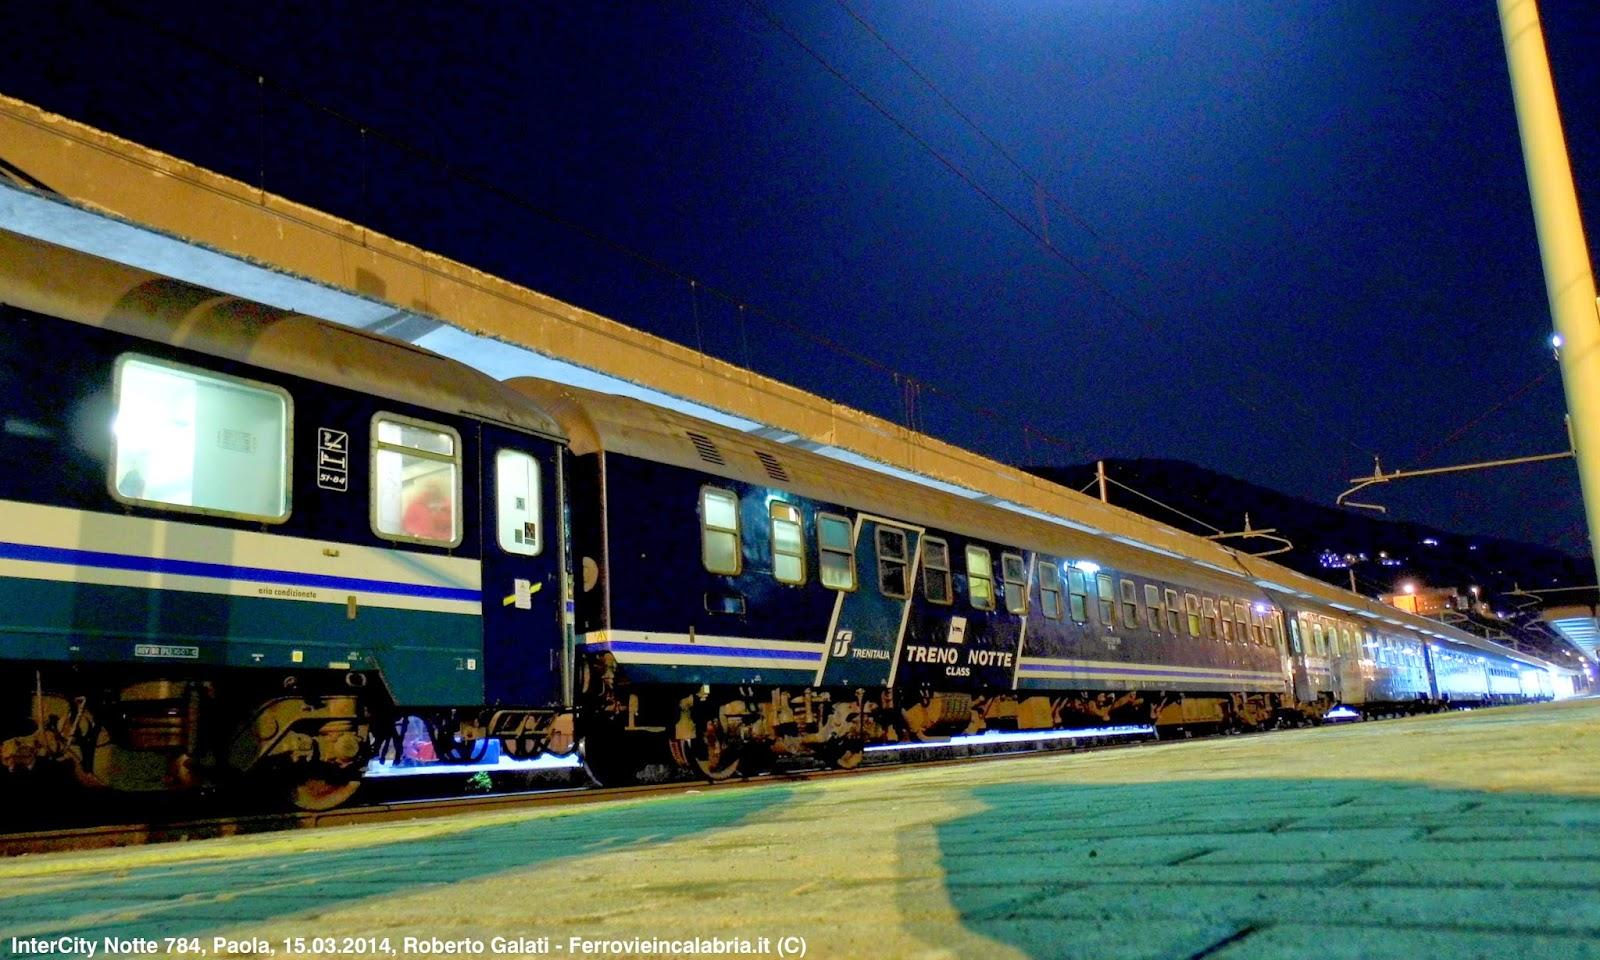 Ferrovie in calabria orario estivo trenitalia 2014 - Trenitalia vagone letto ...